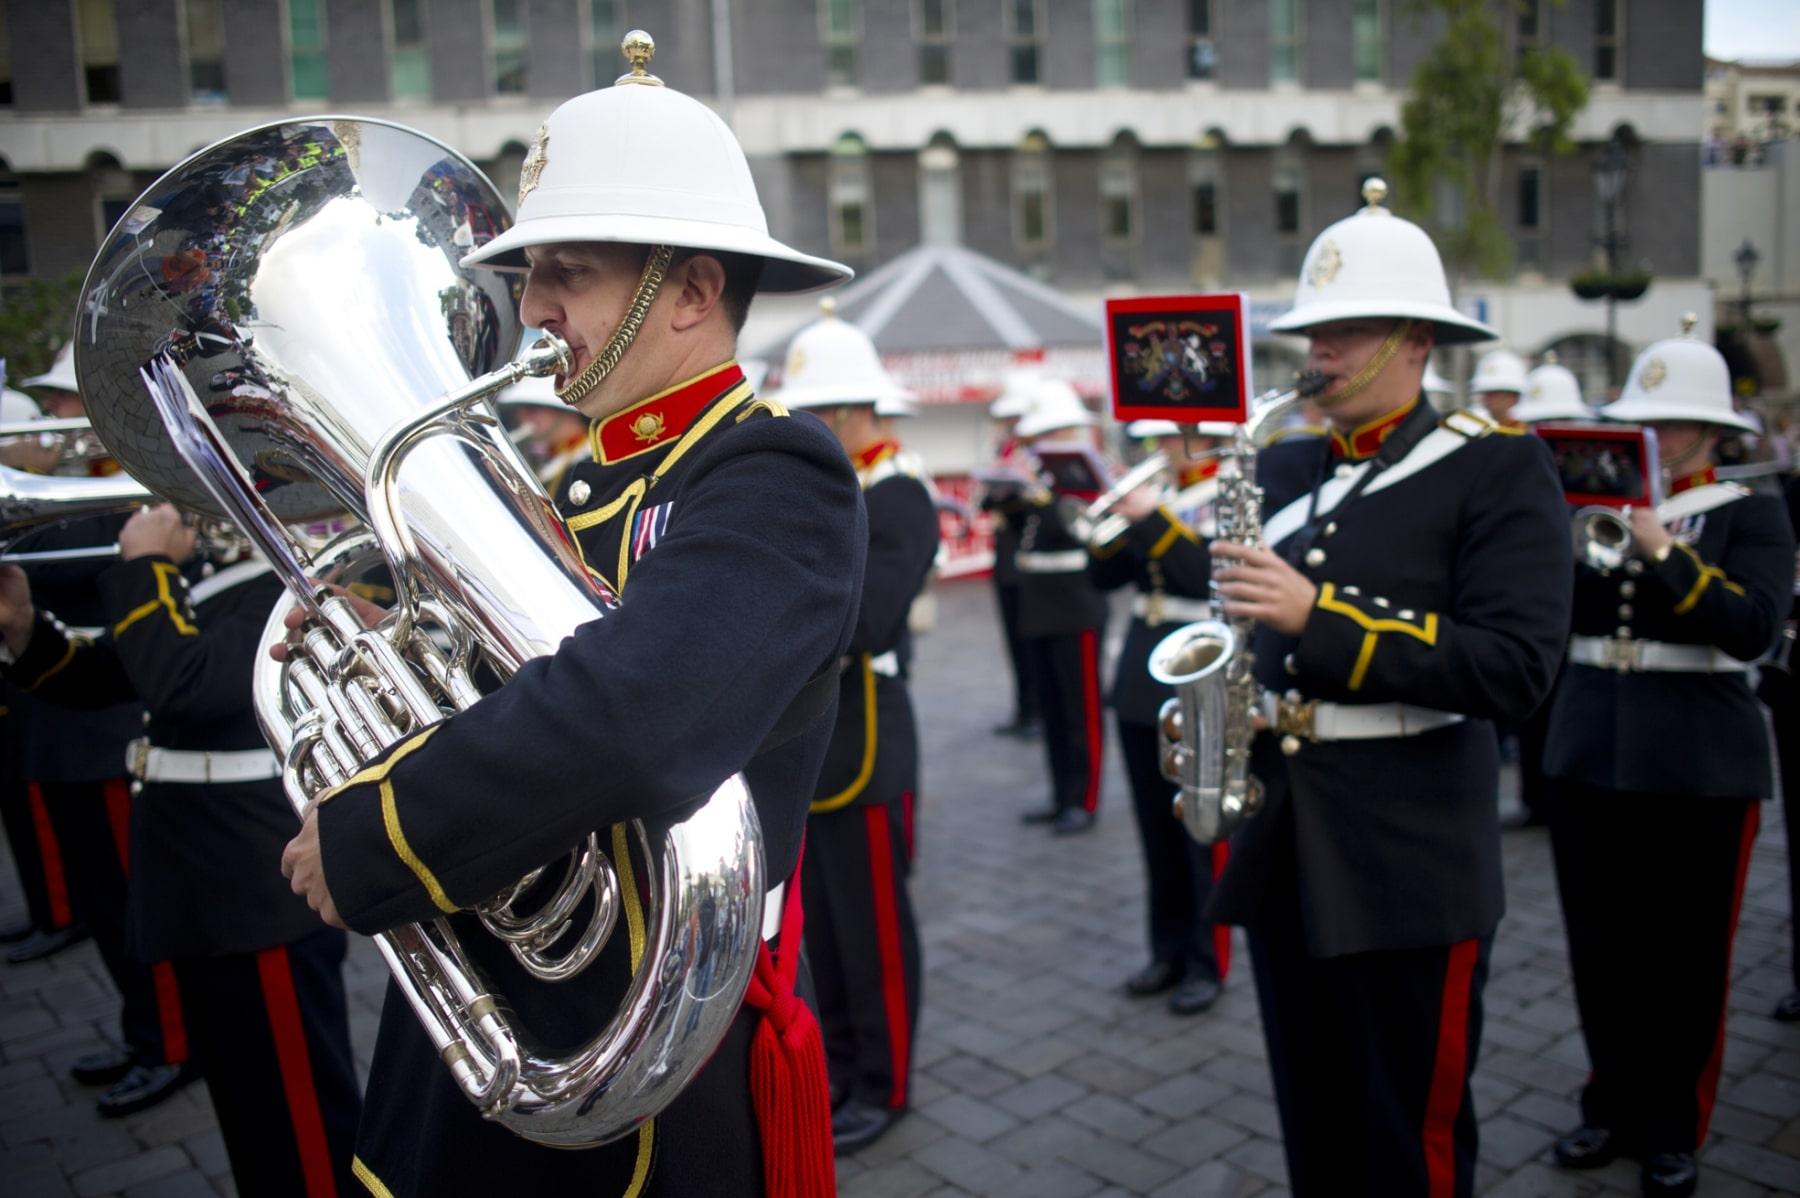 henry-cavill-en-la-carrera-del-350-aniversario-de-los-royal-marines-en-gibraltar-25-octubre-201413_15621091421_o